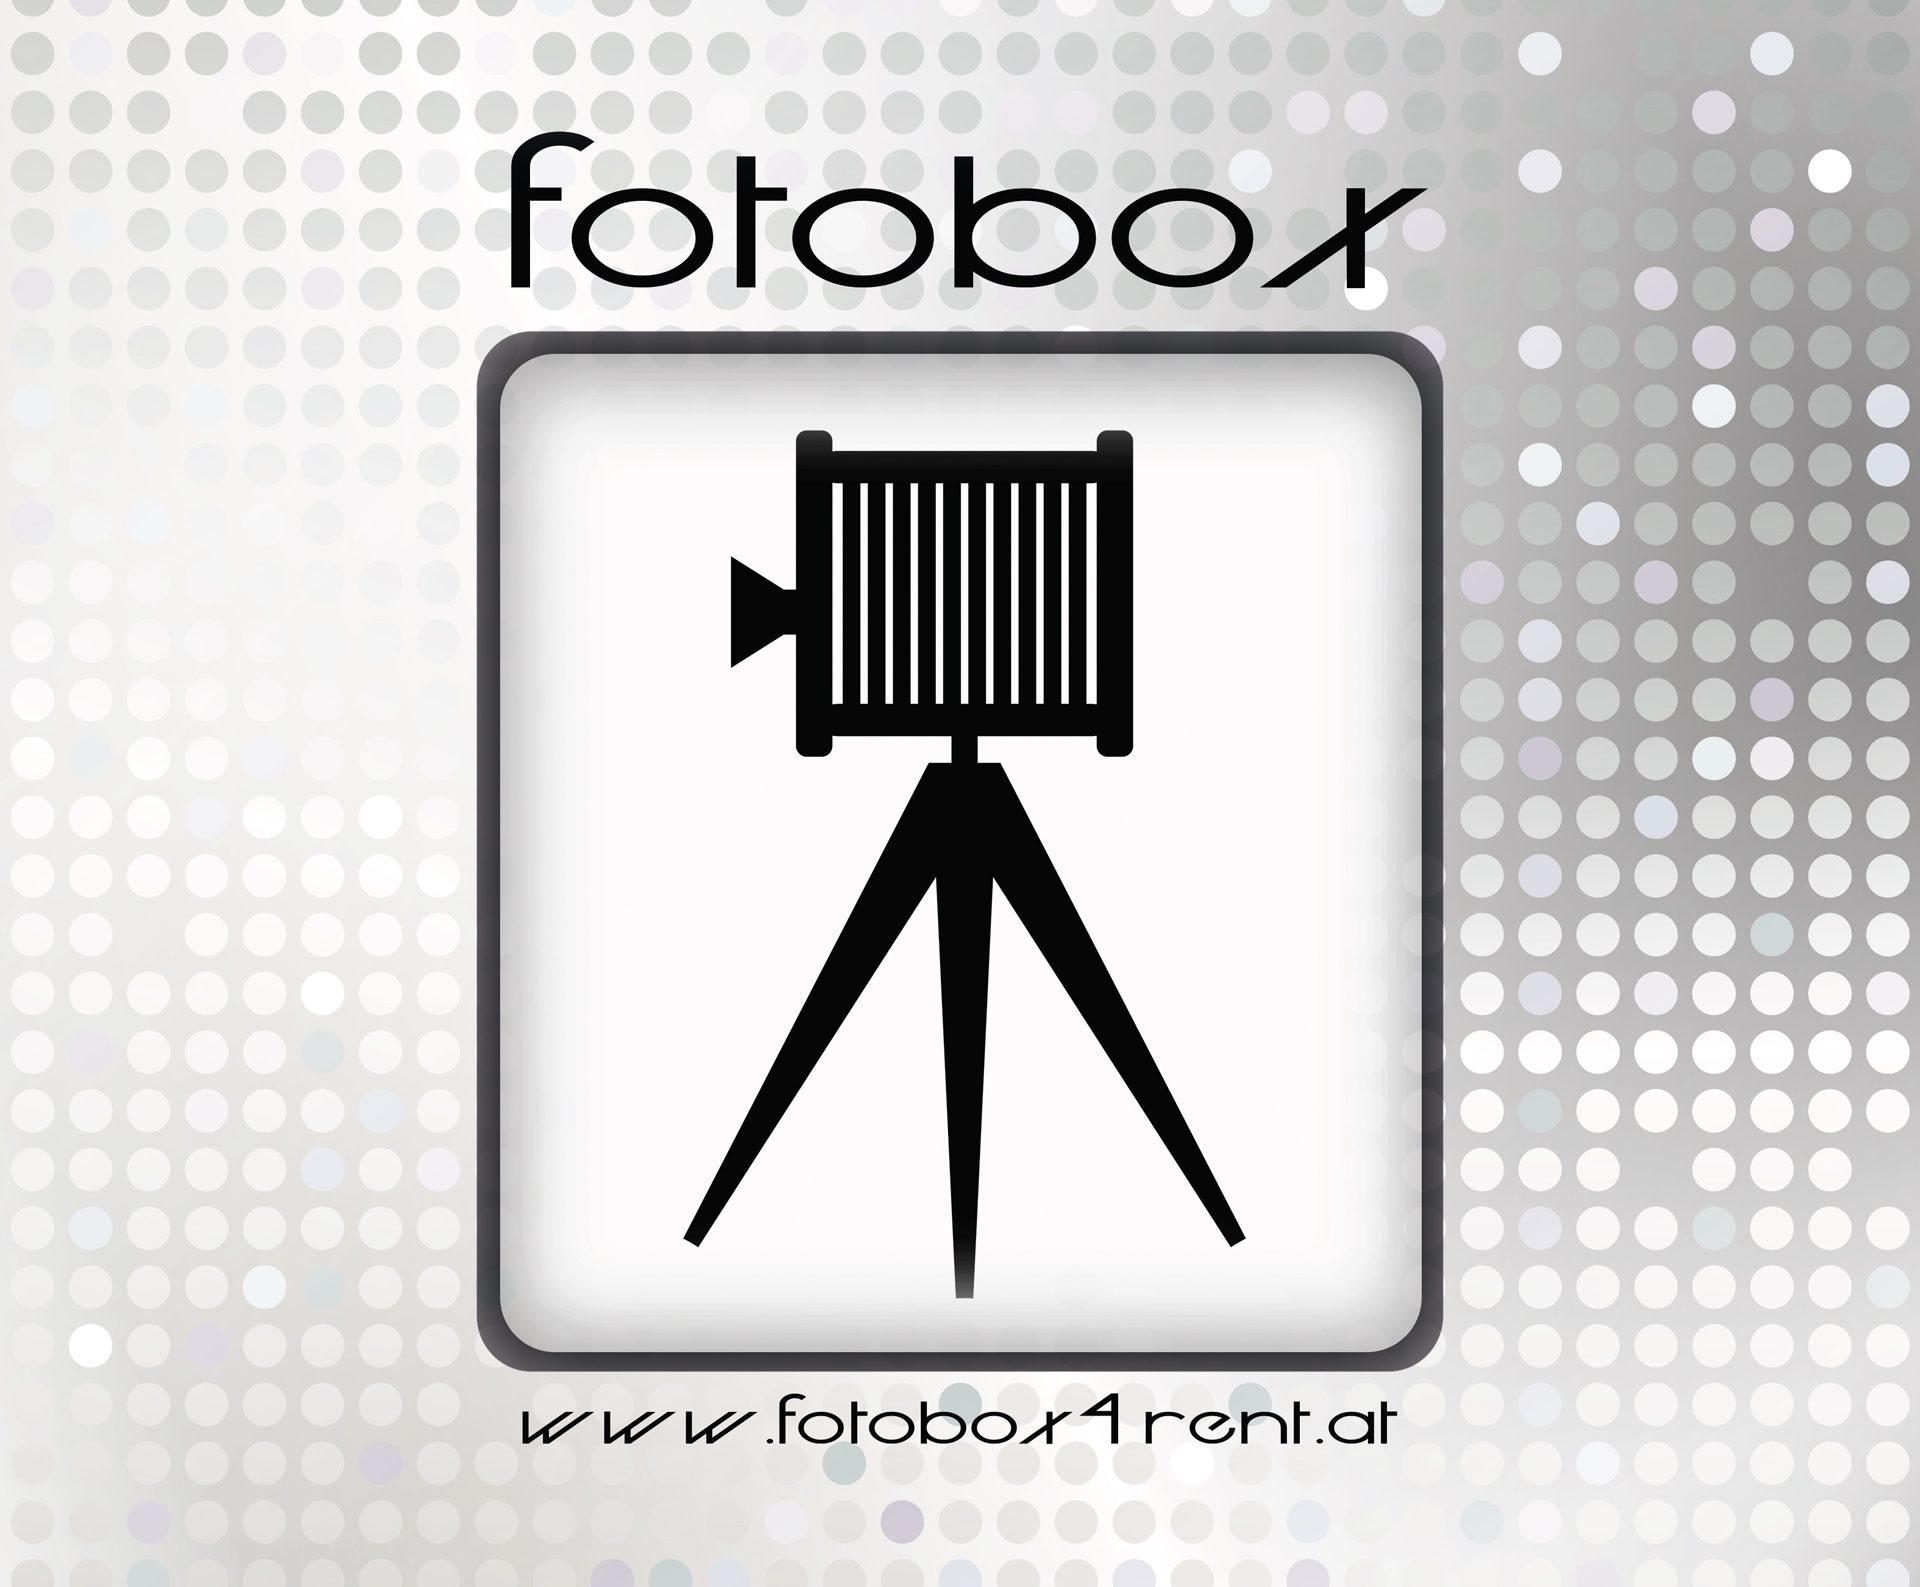 fotobox4rent